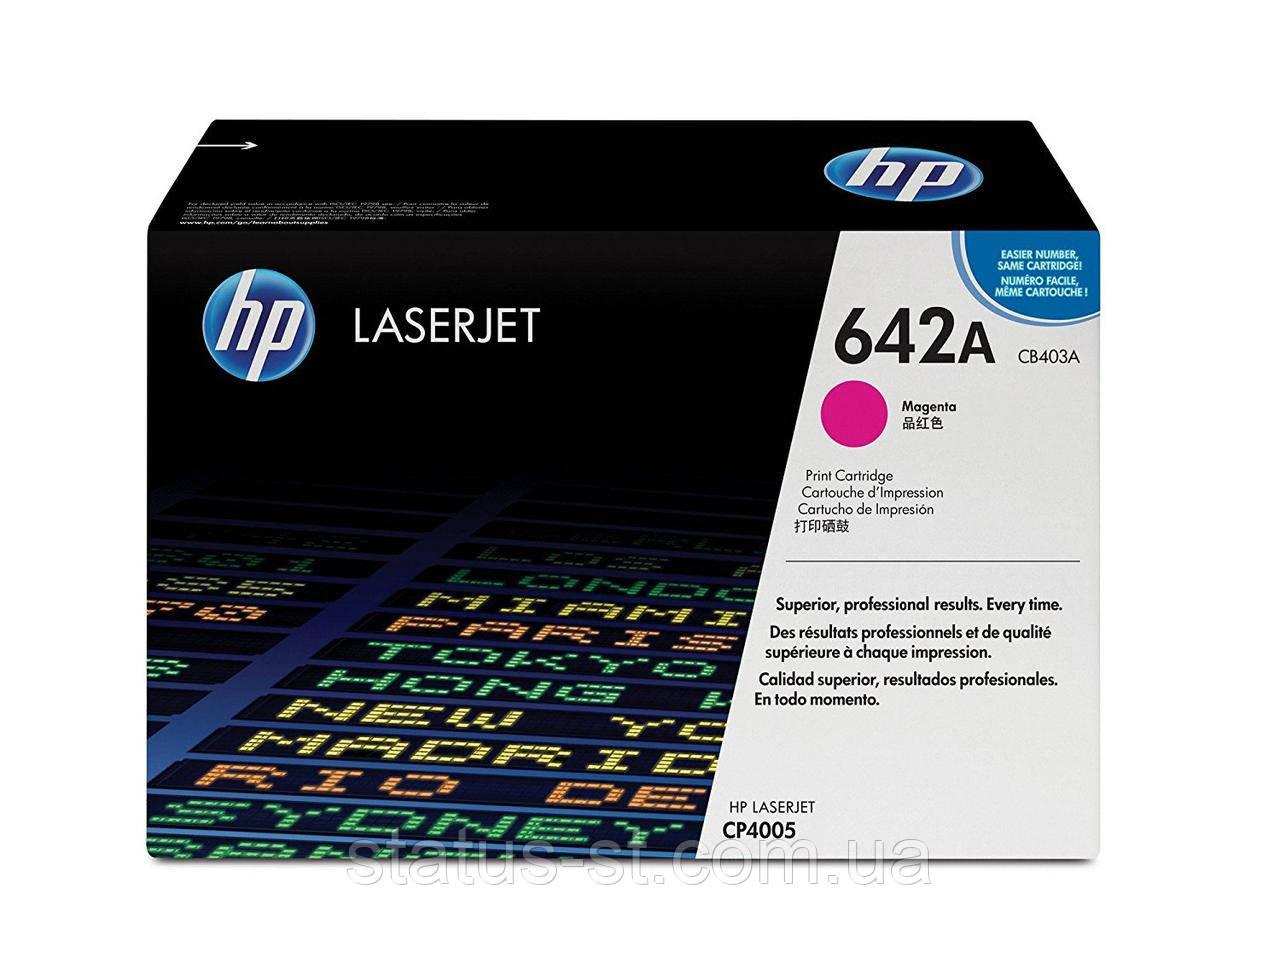 Заправка картриджа HP 642A magenta CB403A для принтера LJ CP4005dn в Києві